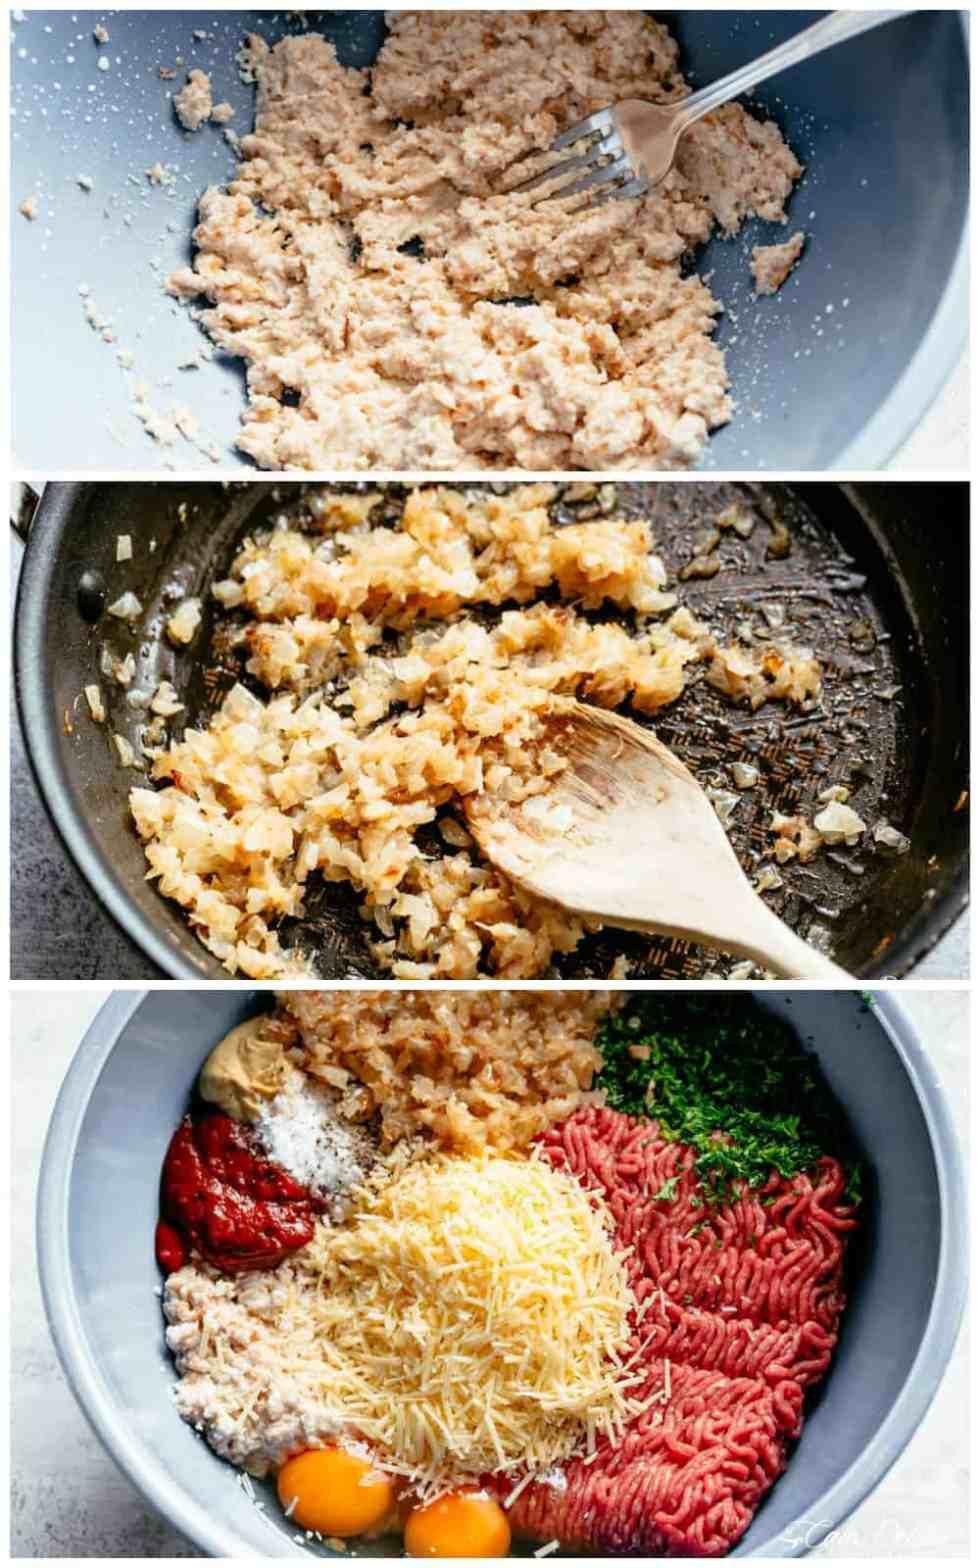 How to make easy Meatloaf | cafedelites.com